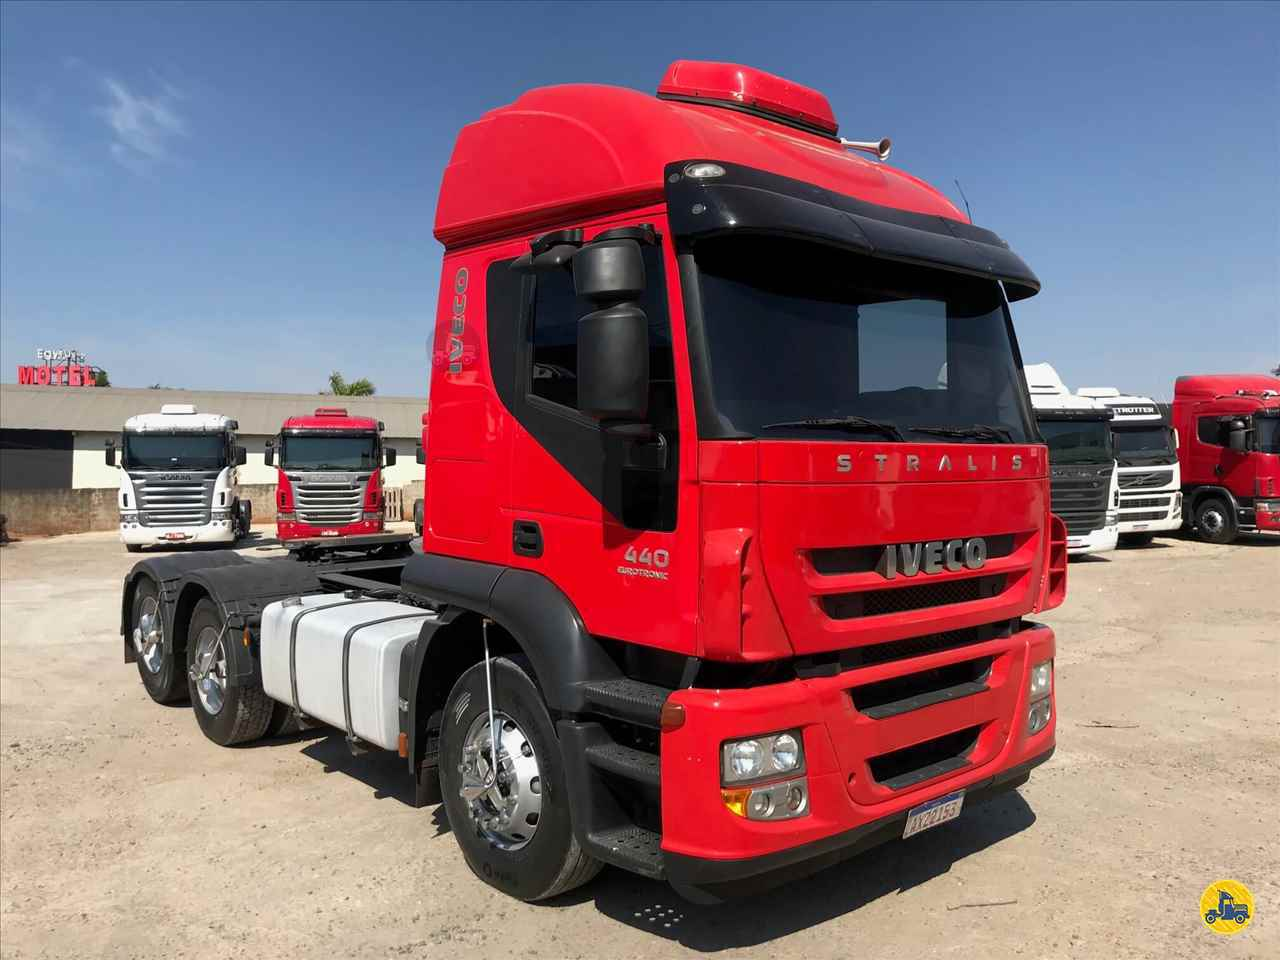 CAMINHAO IVECO STRALIS 440 Cavalo Mecânico Truck 6x2 JK Caminhões PR SARANDI PARANÁ PR